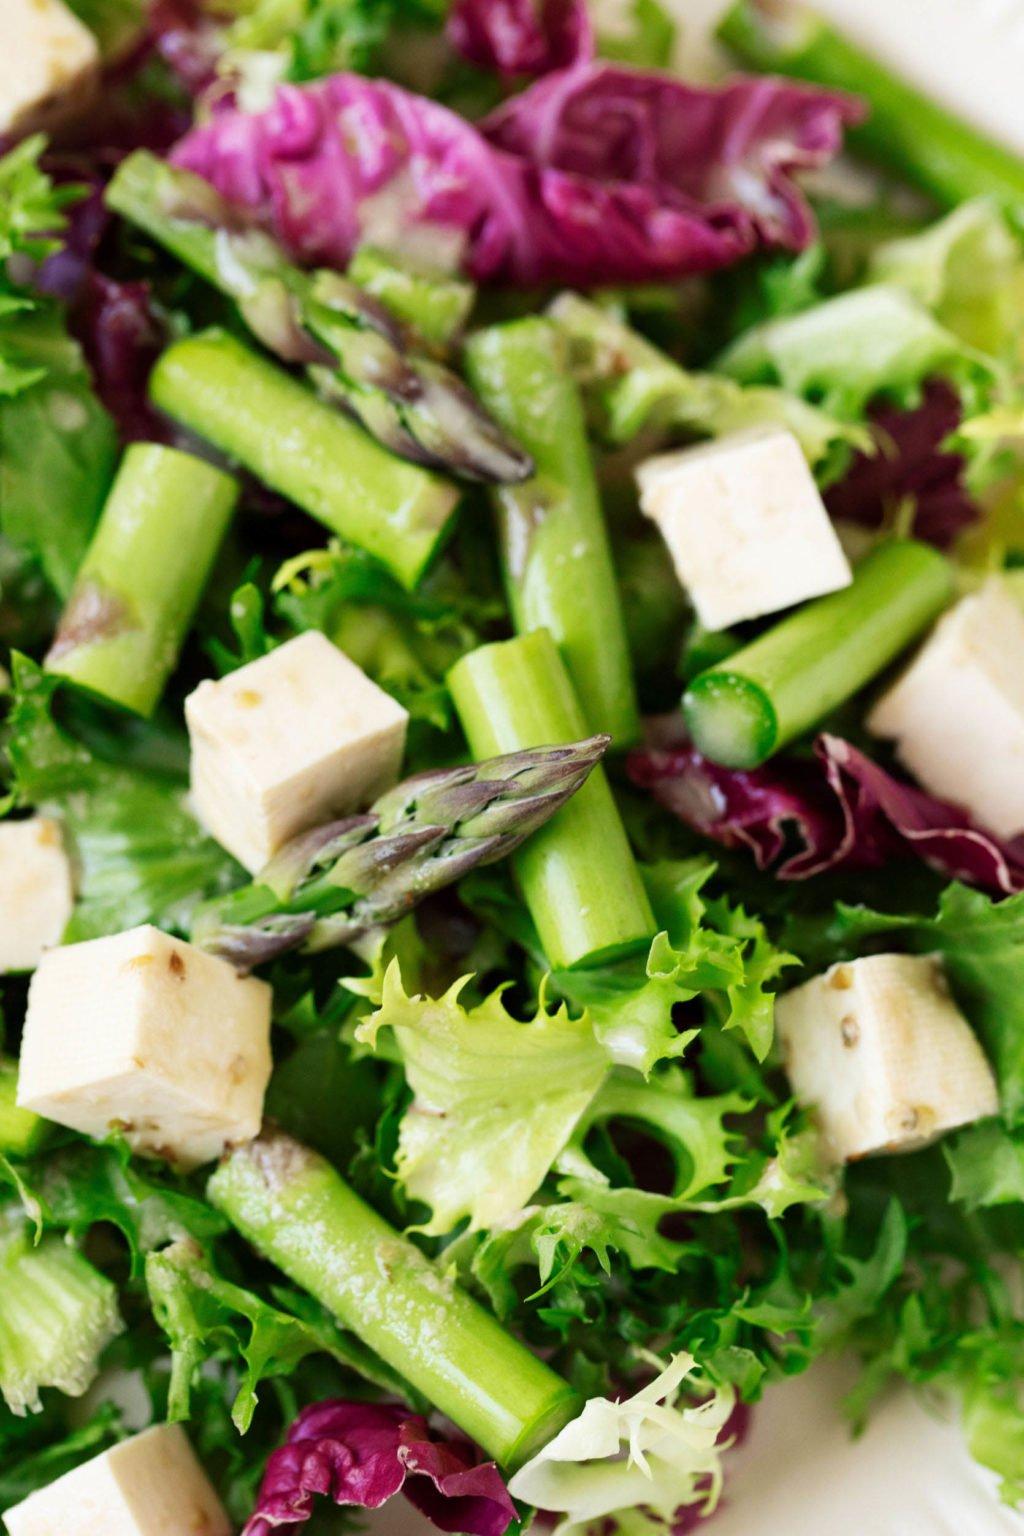 Una fotografía cenital ampliada de una ensalada de primavera que ha sido apilada con queso feta de tofu con hierbas.